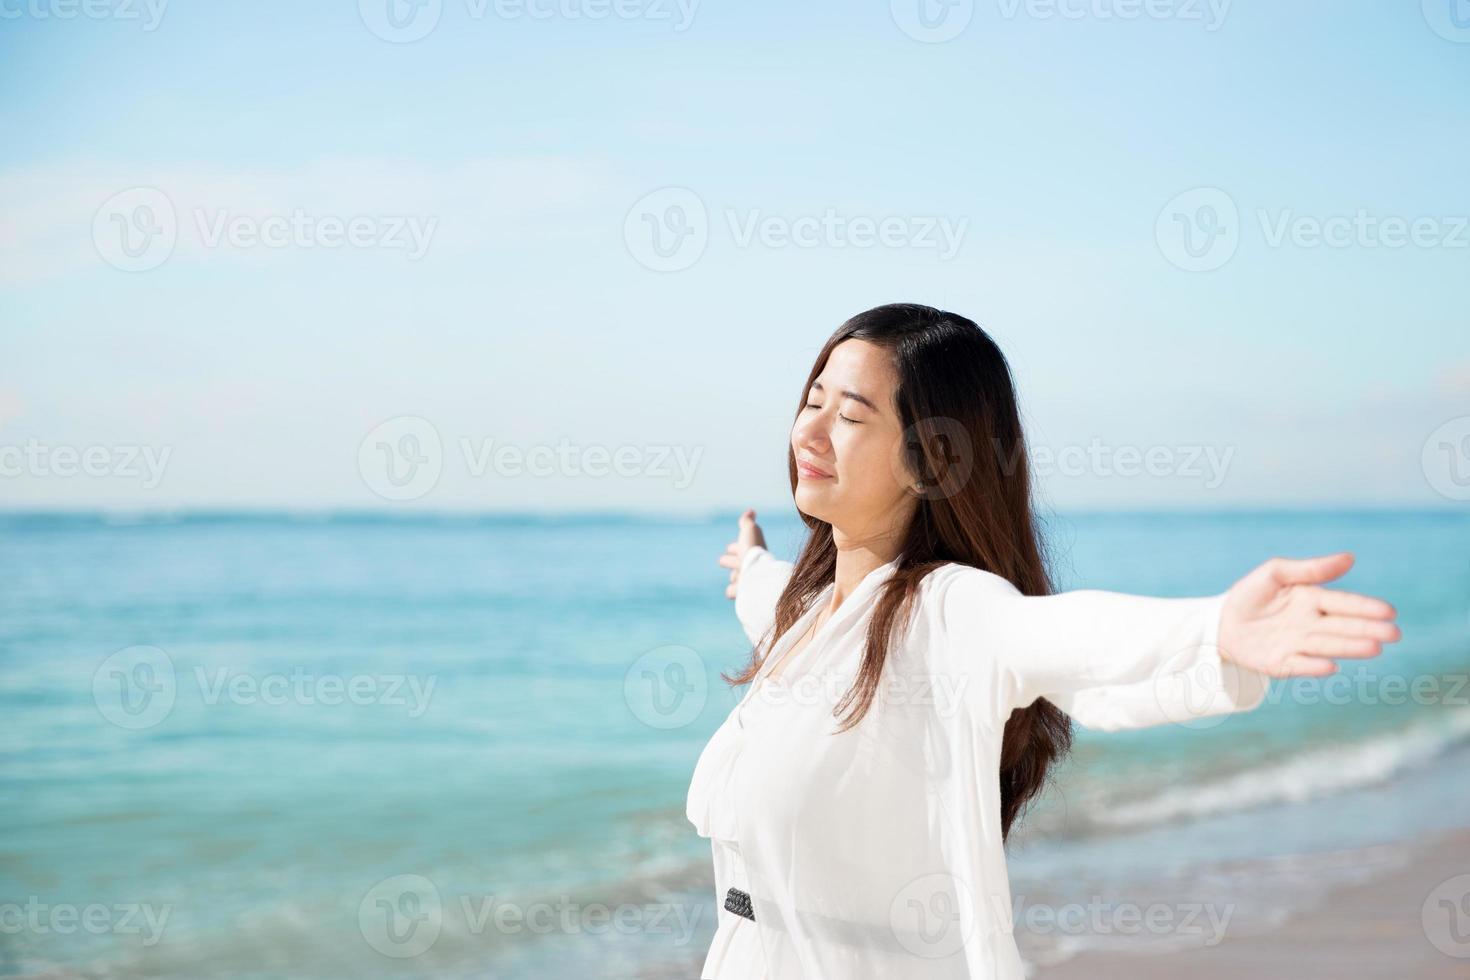 donna asiatica che gode della spiaggia, chiudere gli occhi e le braccia aperte foto